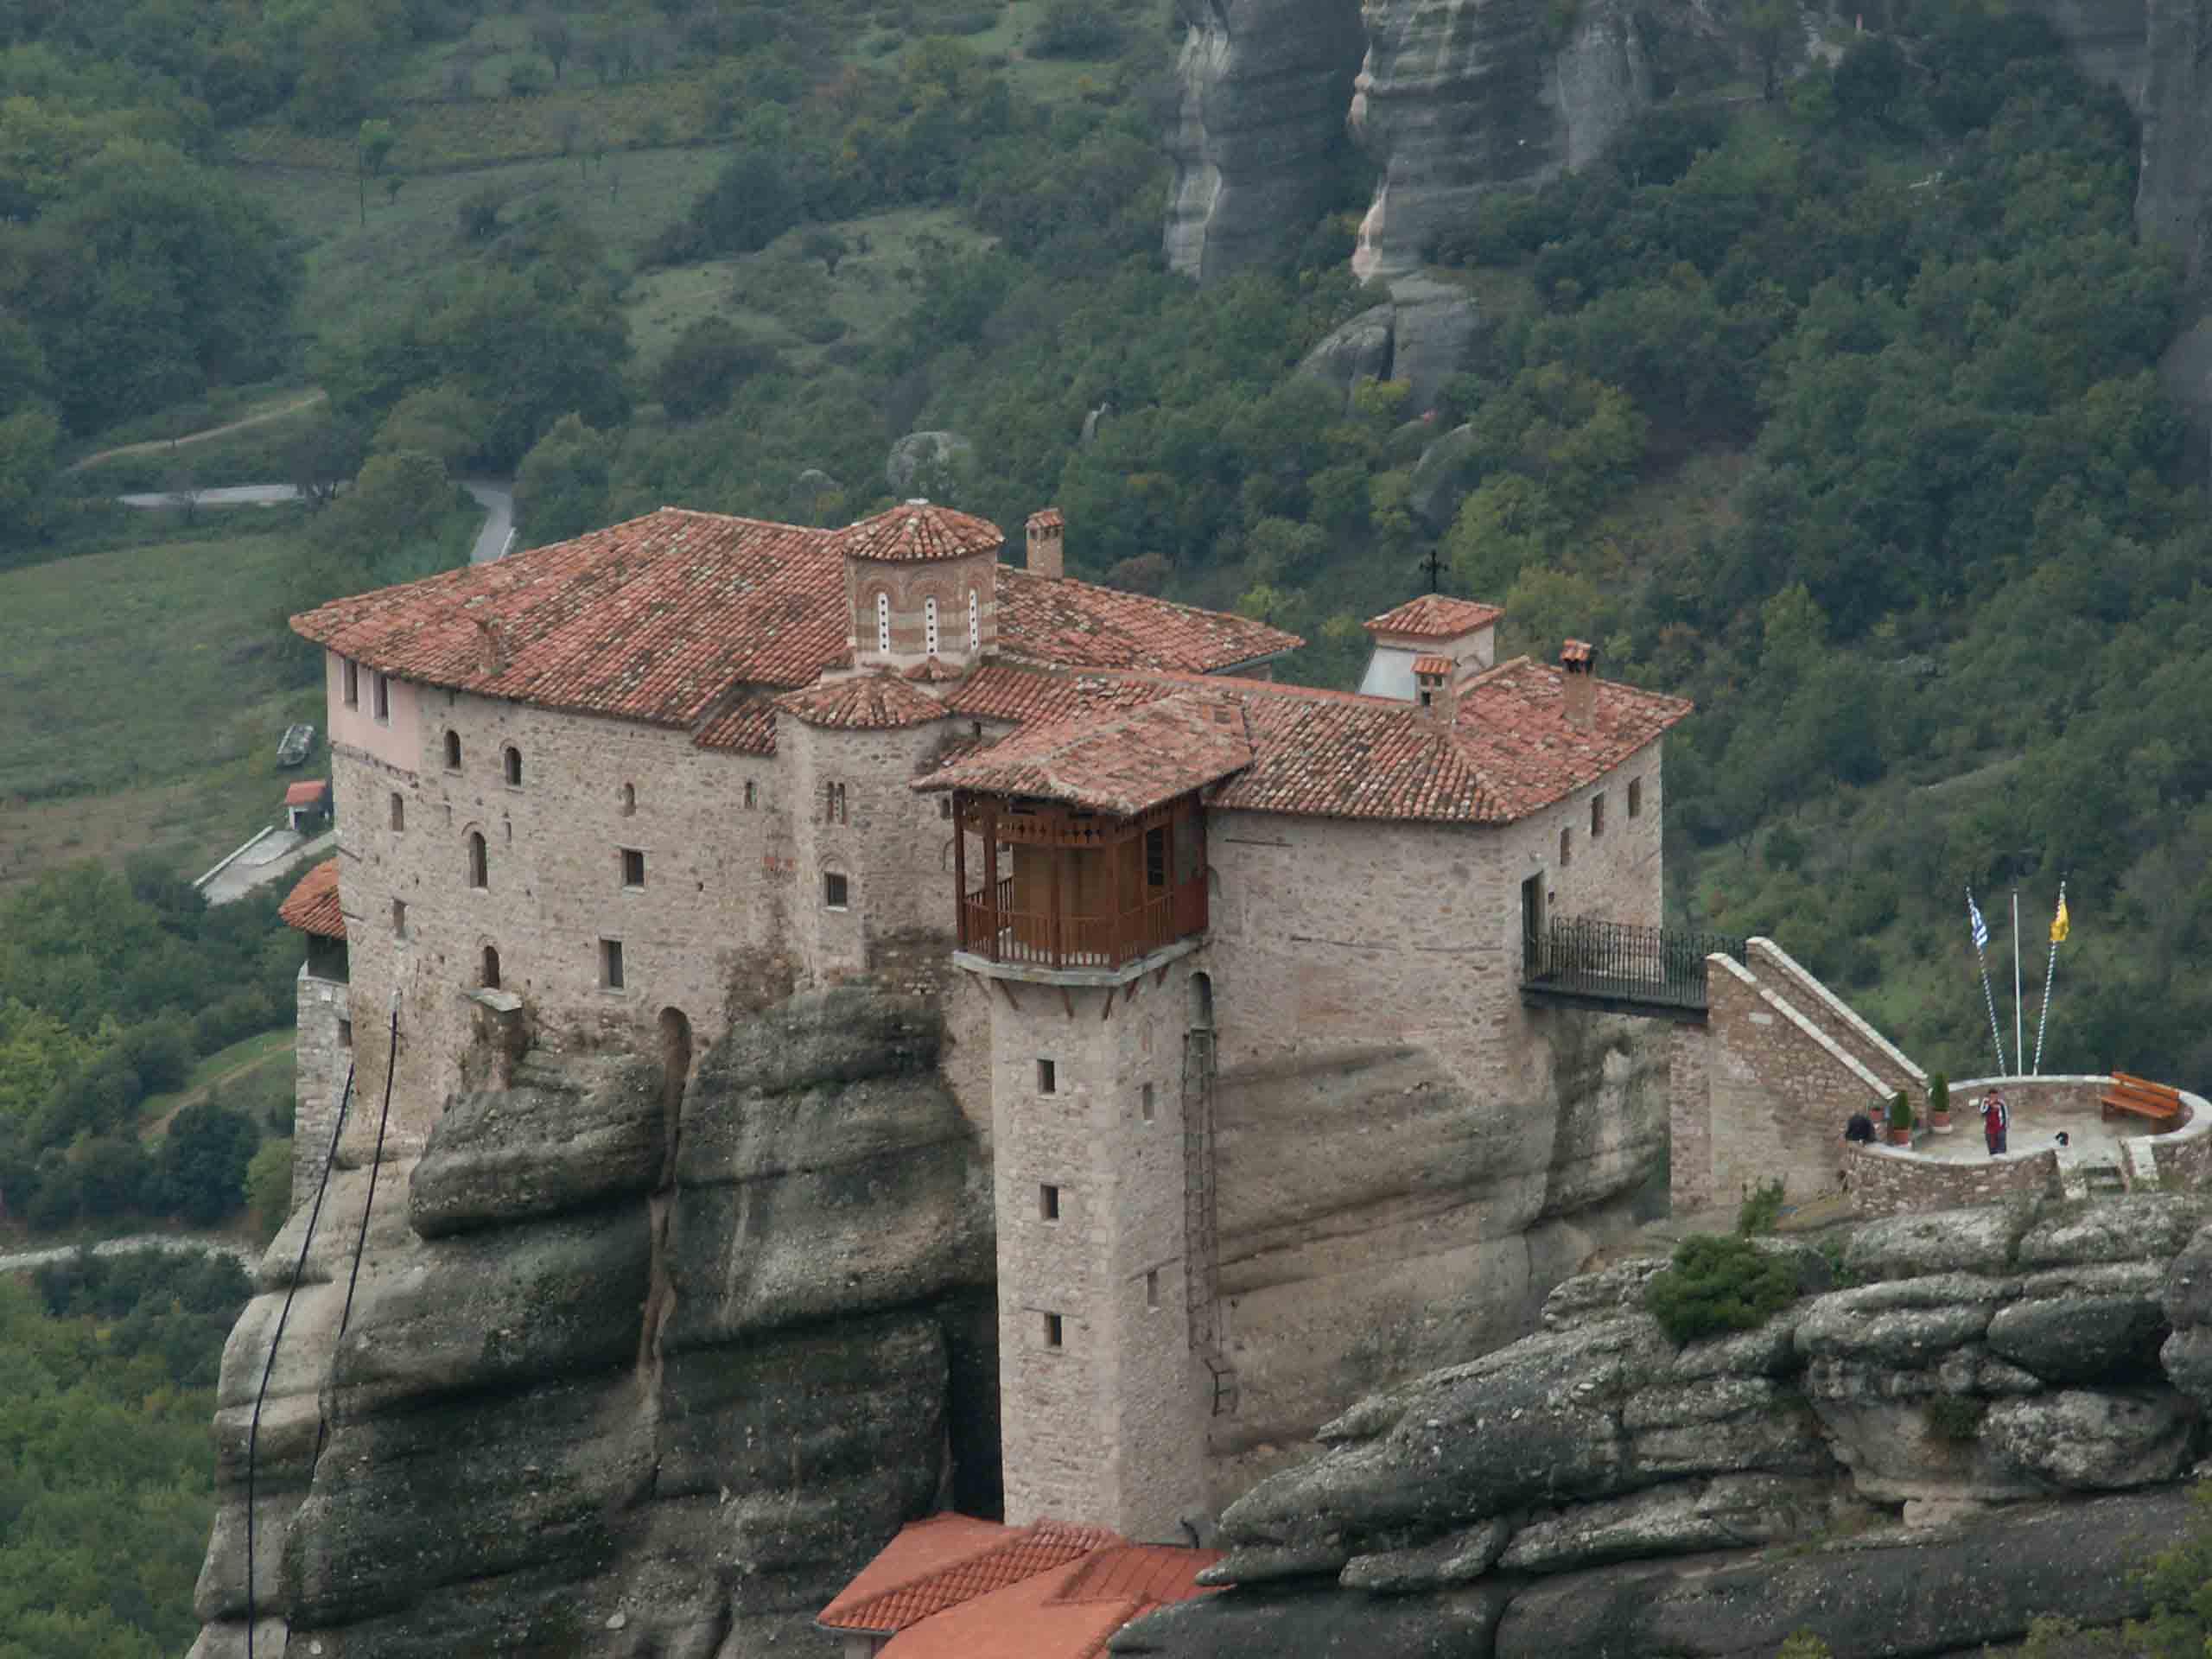 メテオラ(ルサヌー修道院/ギリシャ) - 拝啓、世界の路上から